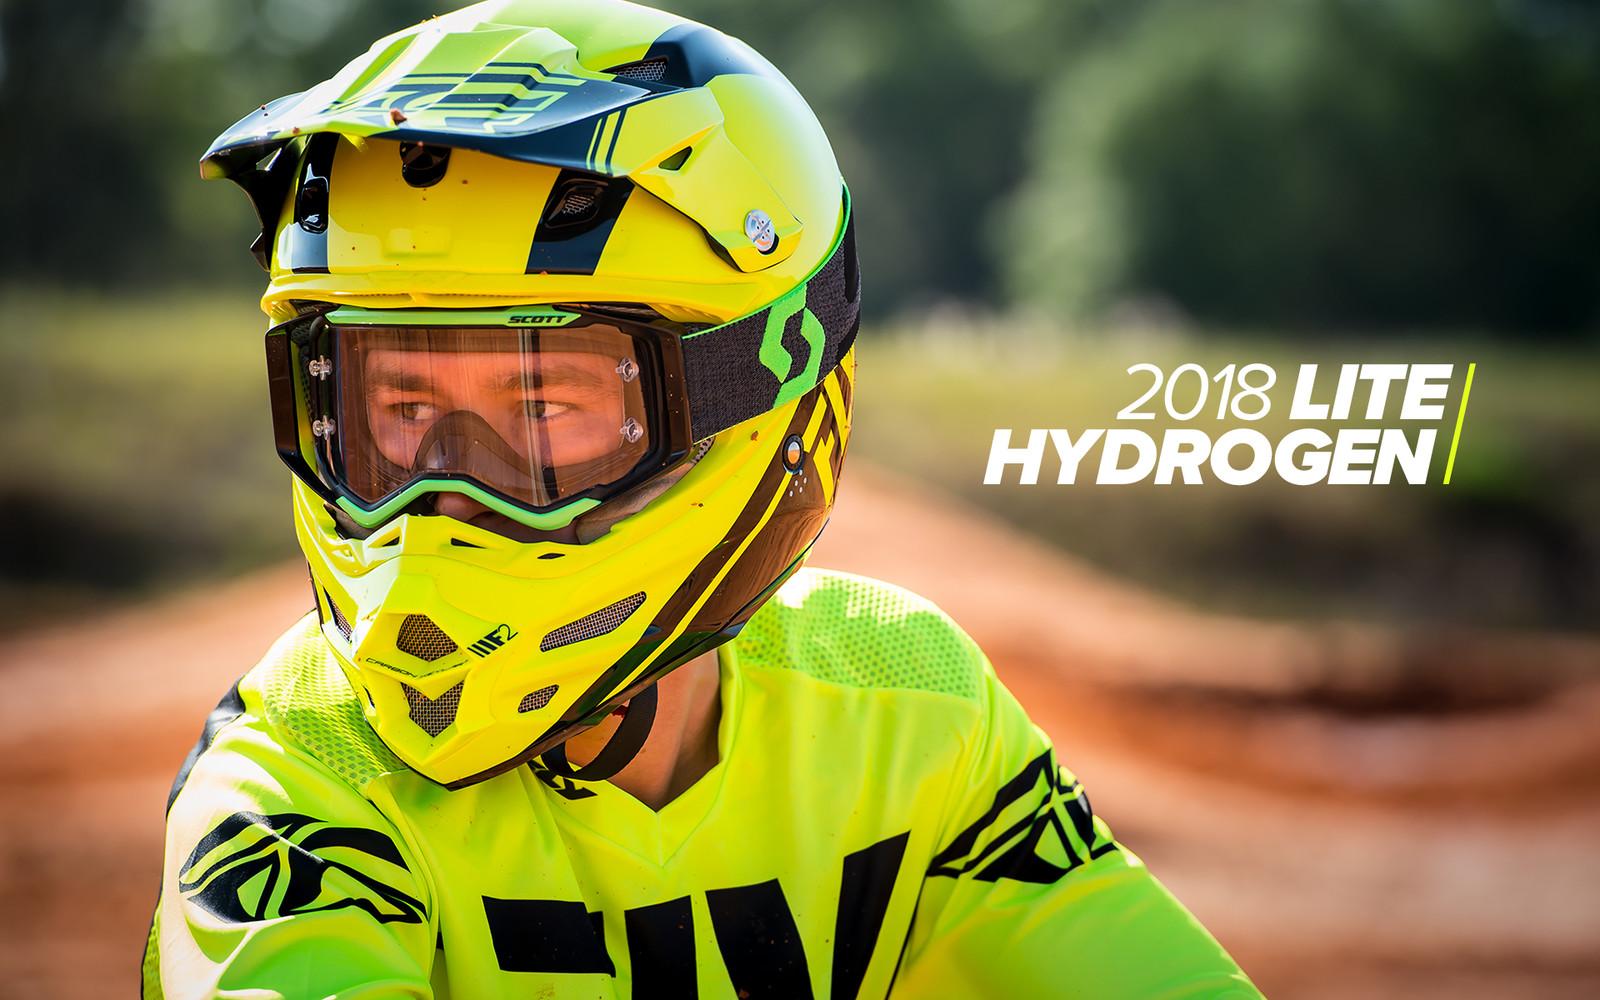 FLY Lite Hydrogen: Race Ready